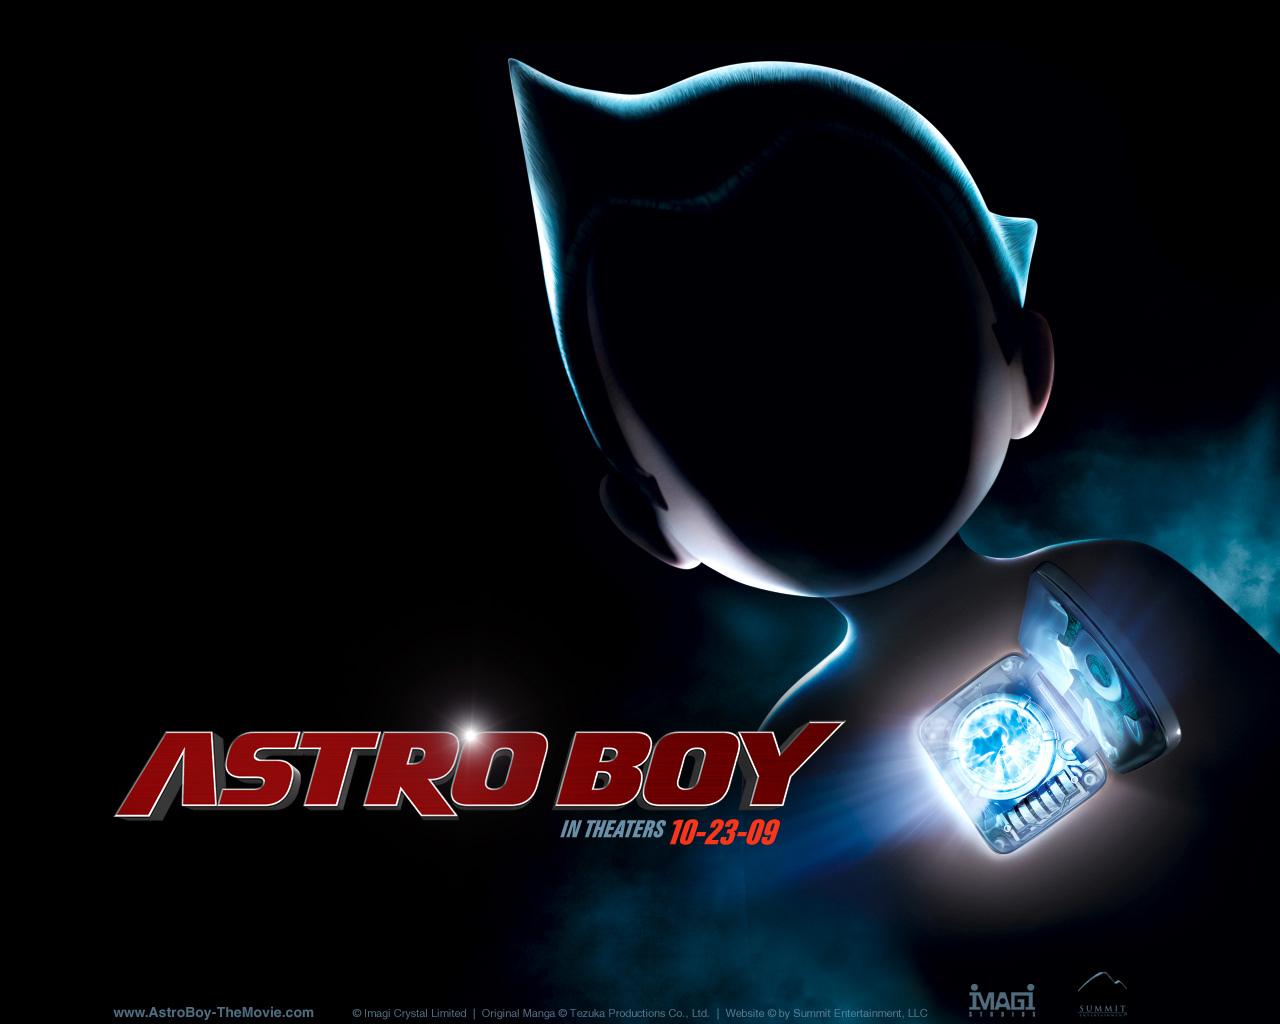 https://3.bp.blogspot.com/-v1olJ7LSUVc/UBkkNb4uxTI/AAAAAAAAVV4/Ln0YpCLlzGQ/s1600/astro_boy01.jpg